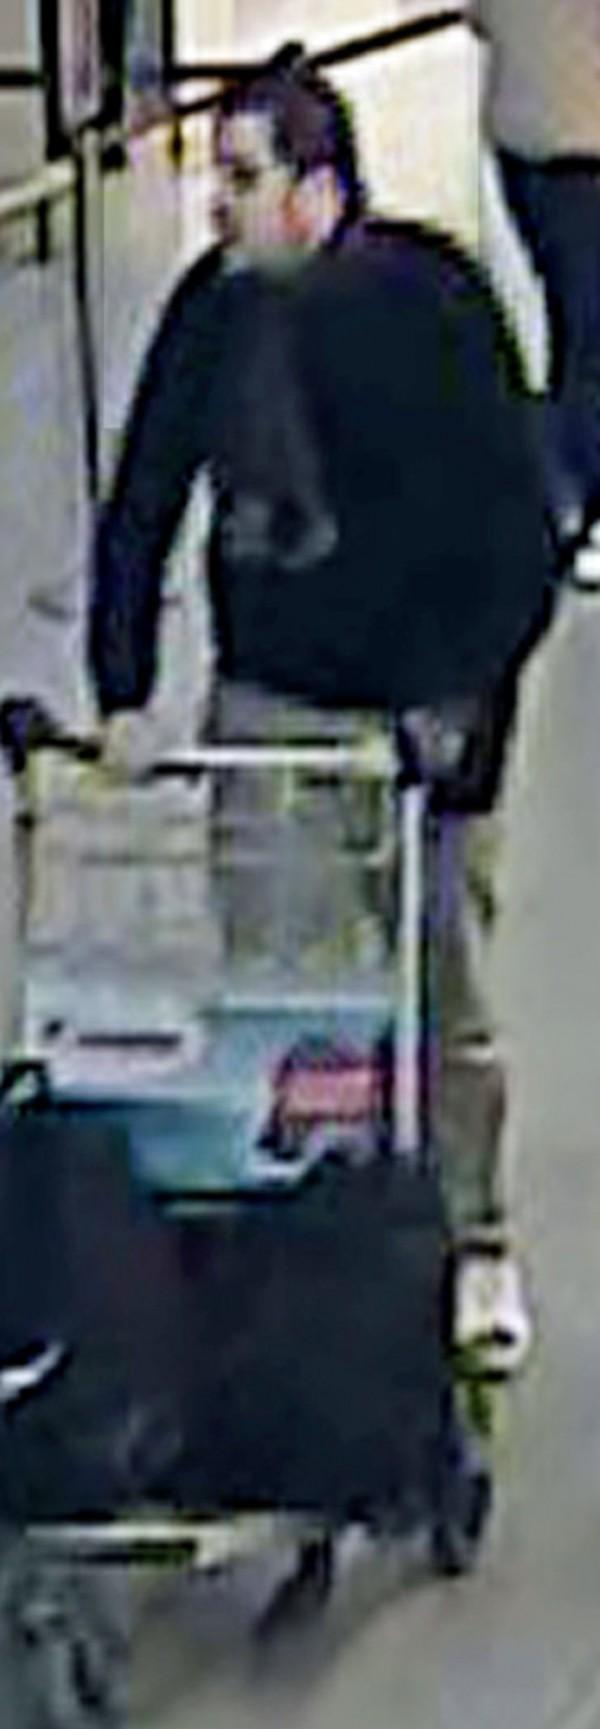 土耳其當局宣稱曾在2015年逮捕過比利時恐攻嫌犯之一的伊布拉欣.巴克勞伊。圖為比國公布的疑似巴克勞伊的人士現身機場準備犯案的畫面。(美聯社)